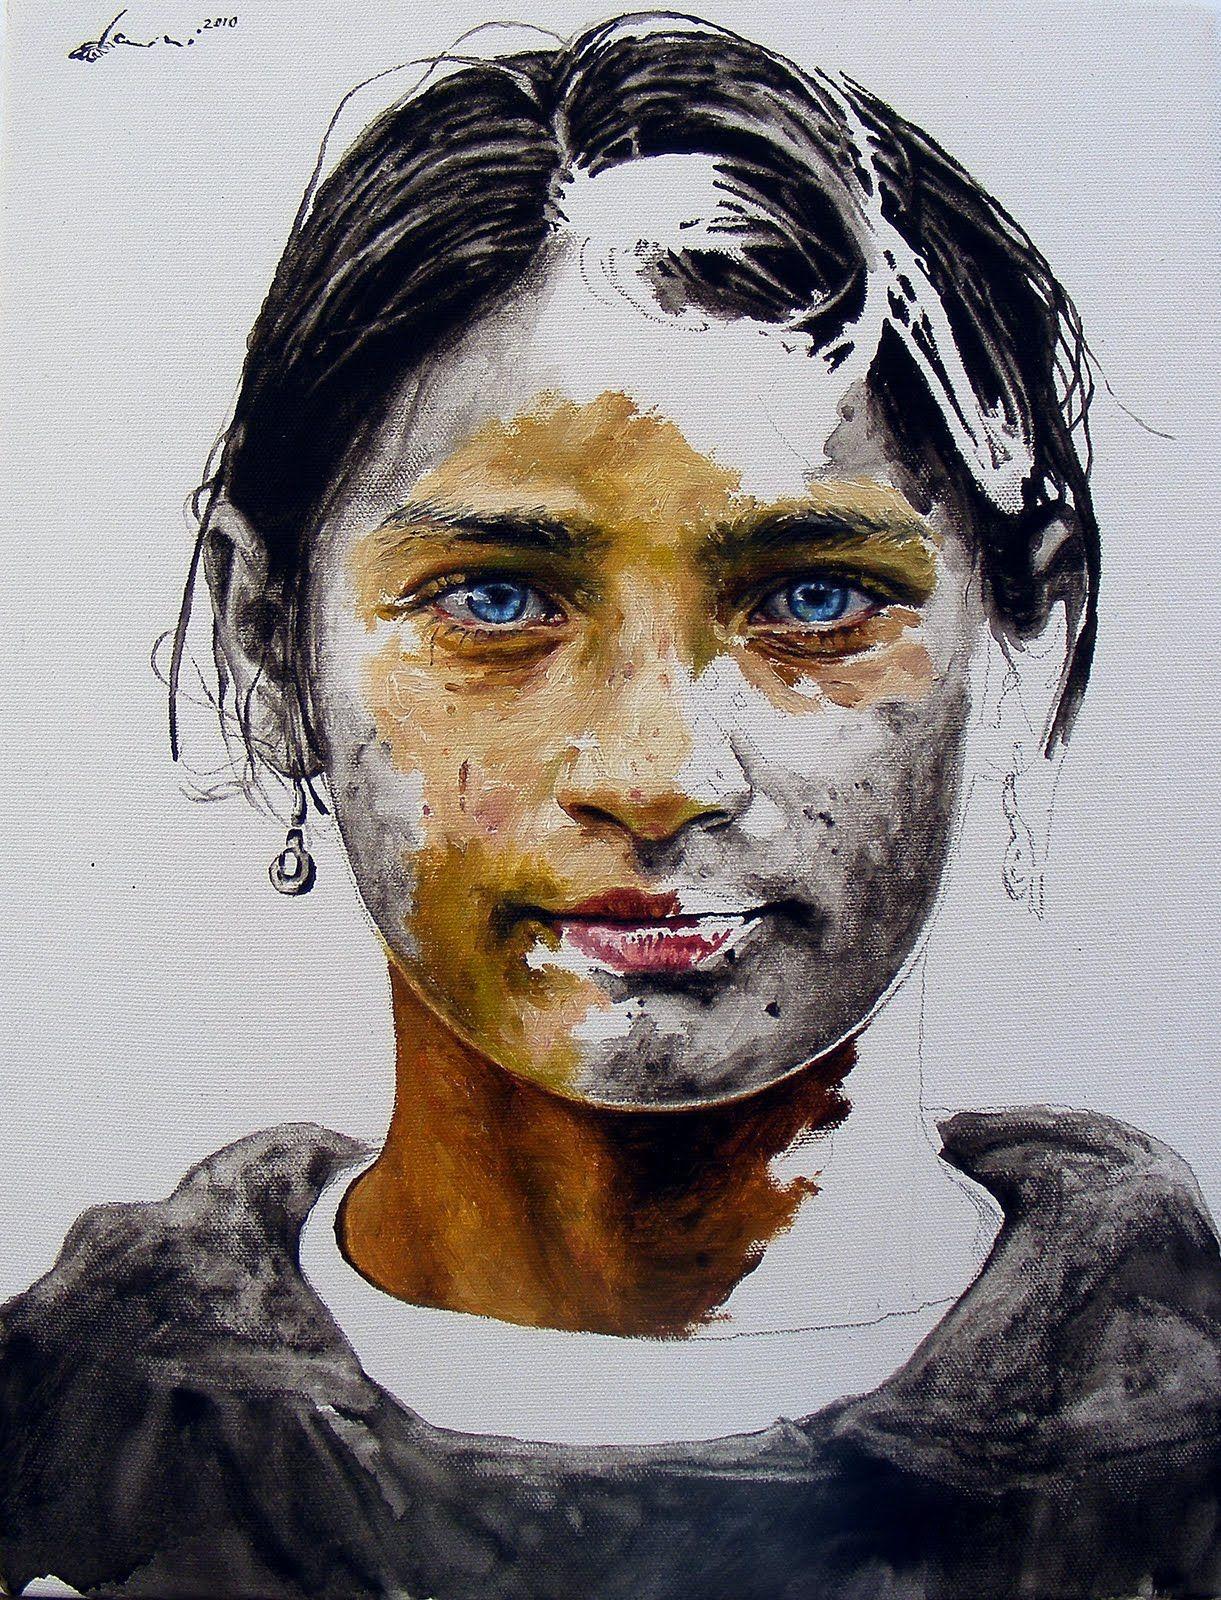 Daniel brici portrait using half color and half black and white